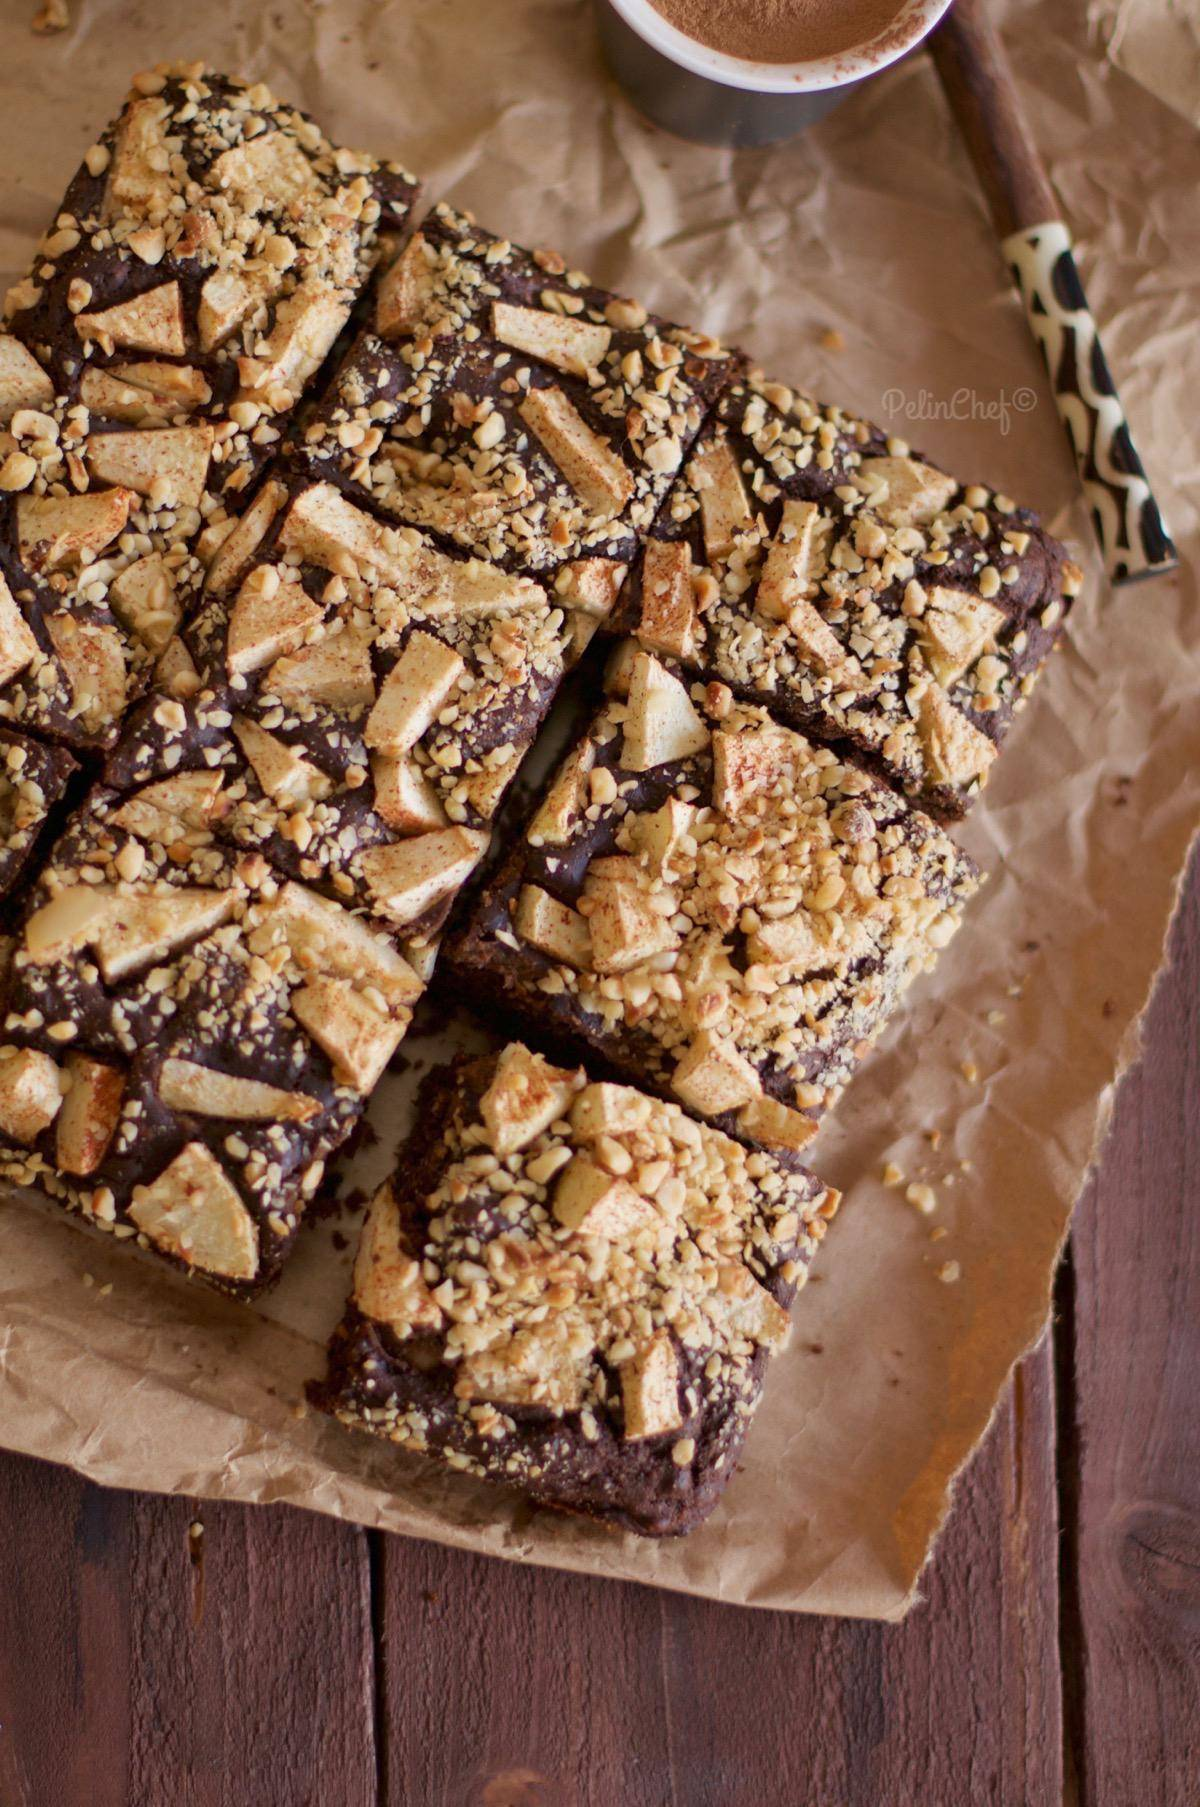 şekersiz keçiboynuzlu kek 2